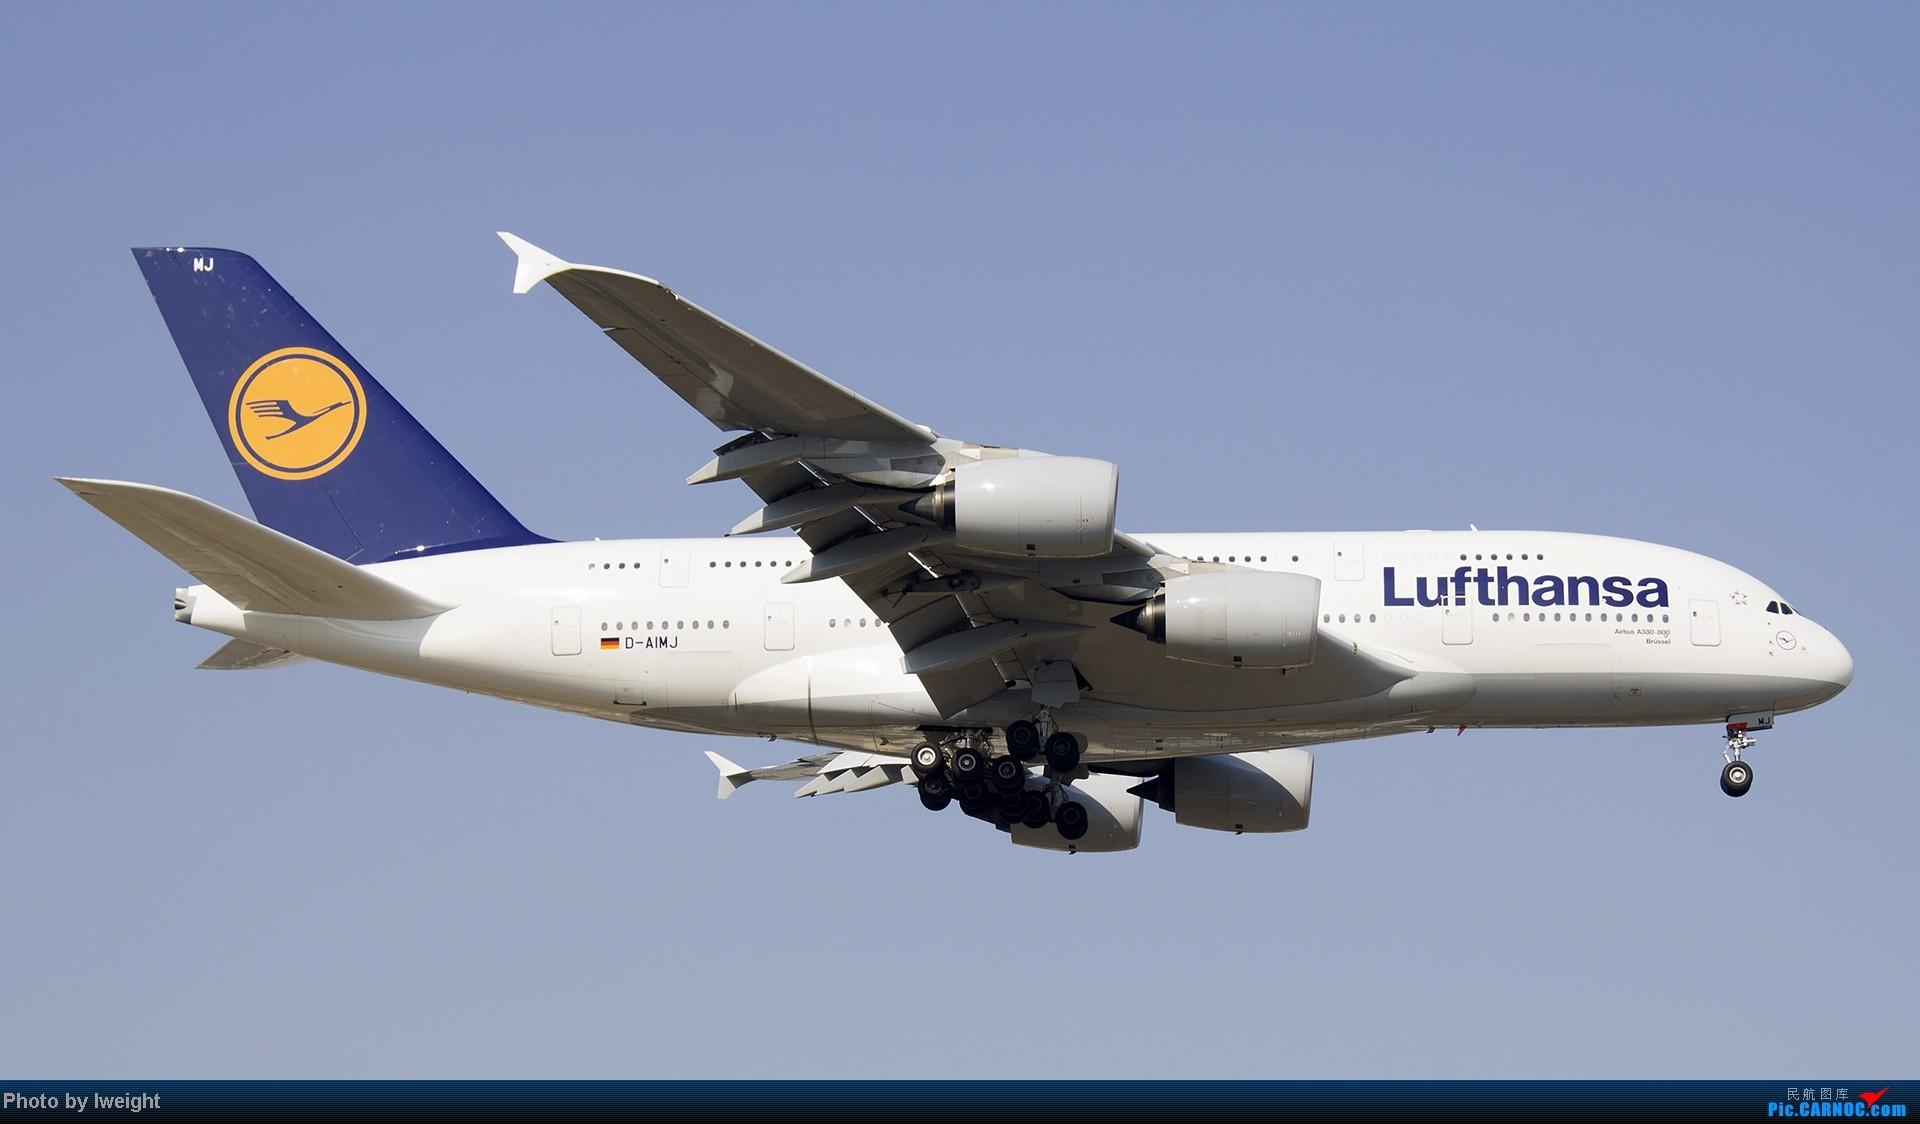 Re:[原创]北京难得的好天气,收获多种机型和彩绘,遗憾的是再次错过卡航巴塞罗那彩绘 AIRBUS A380 D-AIMJ 中国北京首都机场